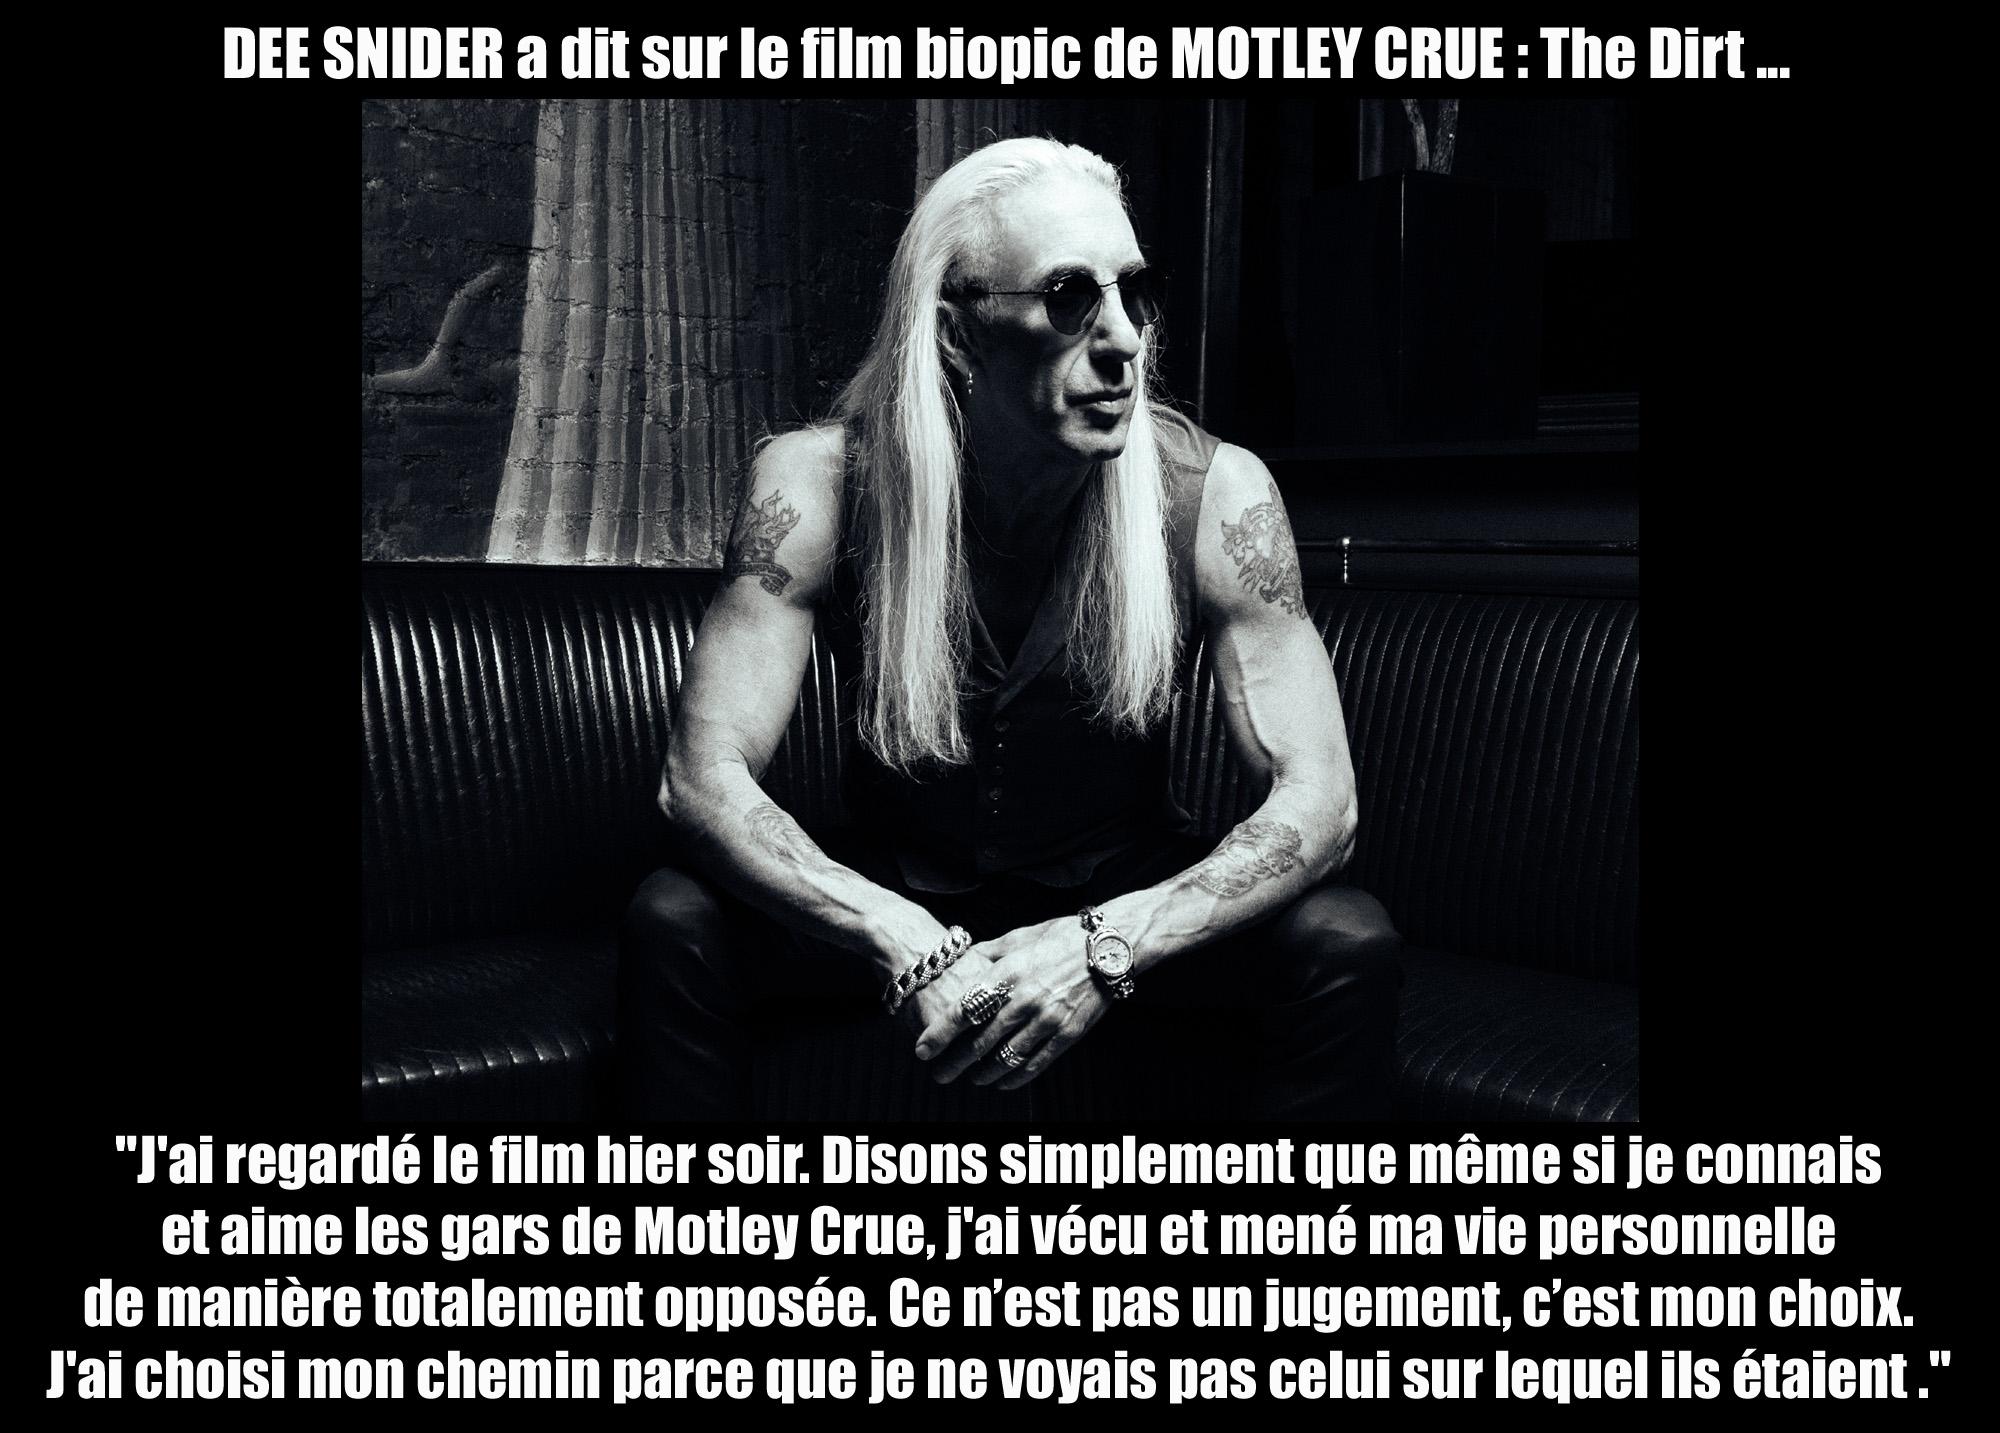 DEE SNIDER a dit ... sur le film biopic de Mötley Crüe : THE DIRT. Dee_sn10